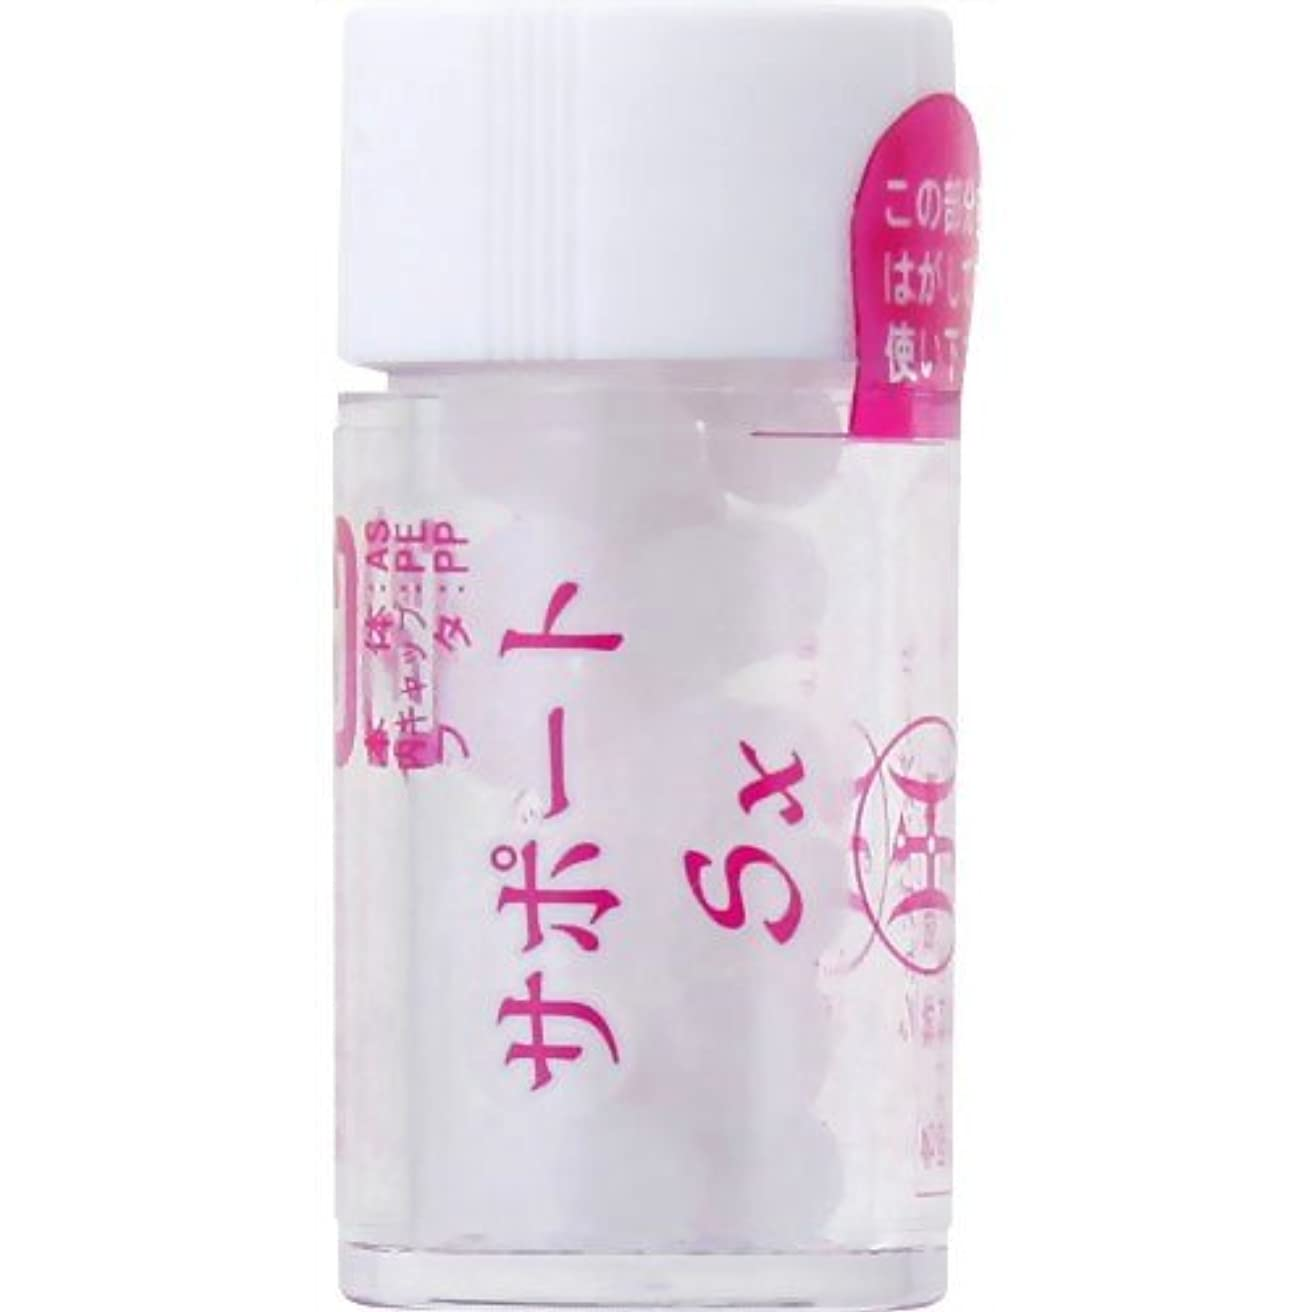 うめき手数料中国ホメオパシージャパンレメディー サポートSx(小ビン)